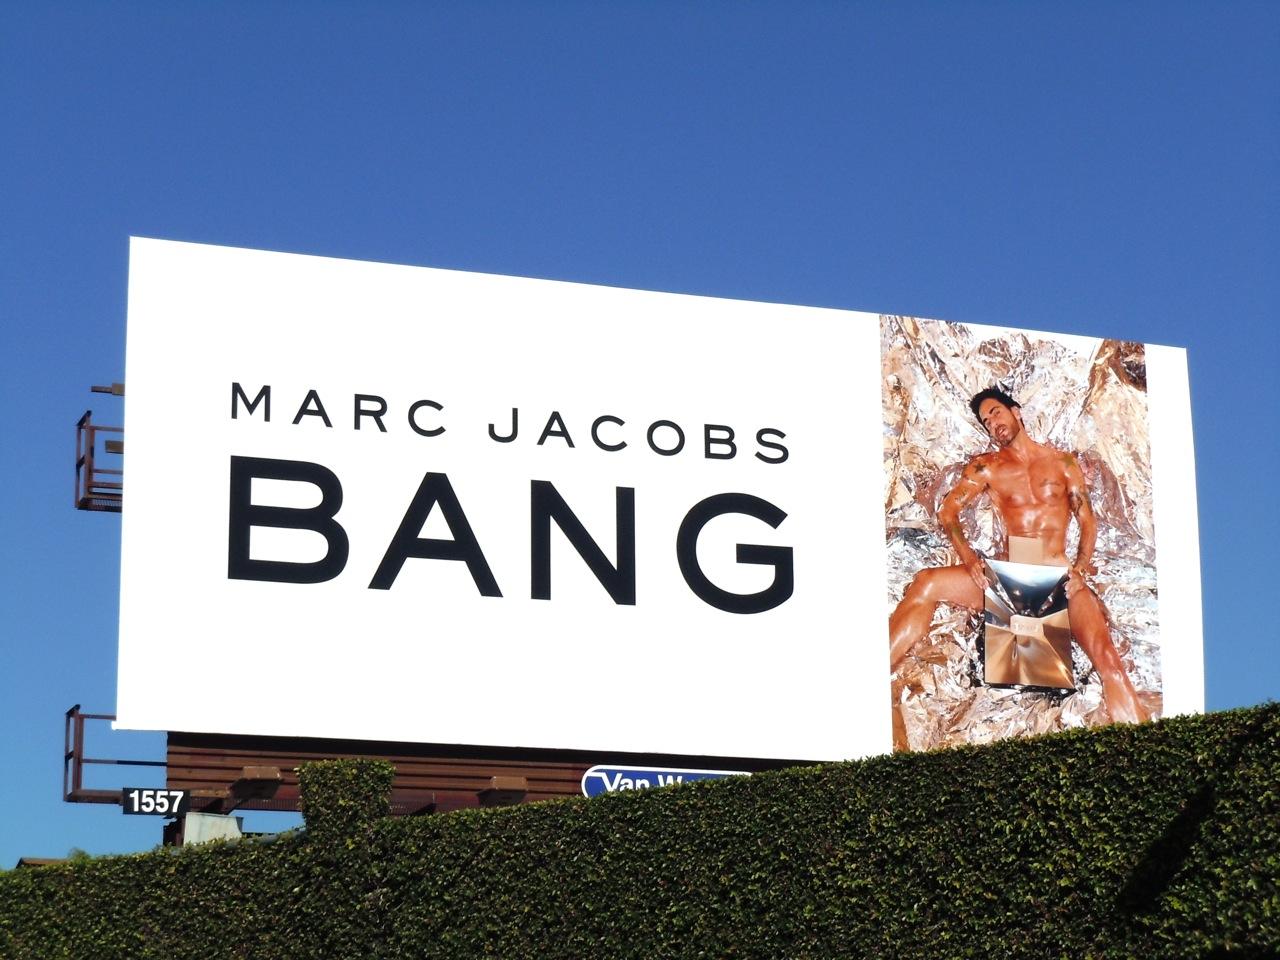 Marc Jacobs Bang fragrance billboard The fashion designer himself bared all